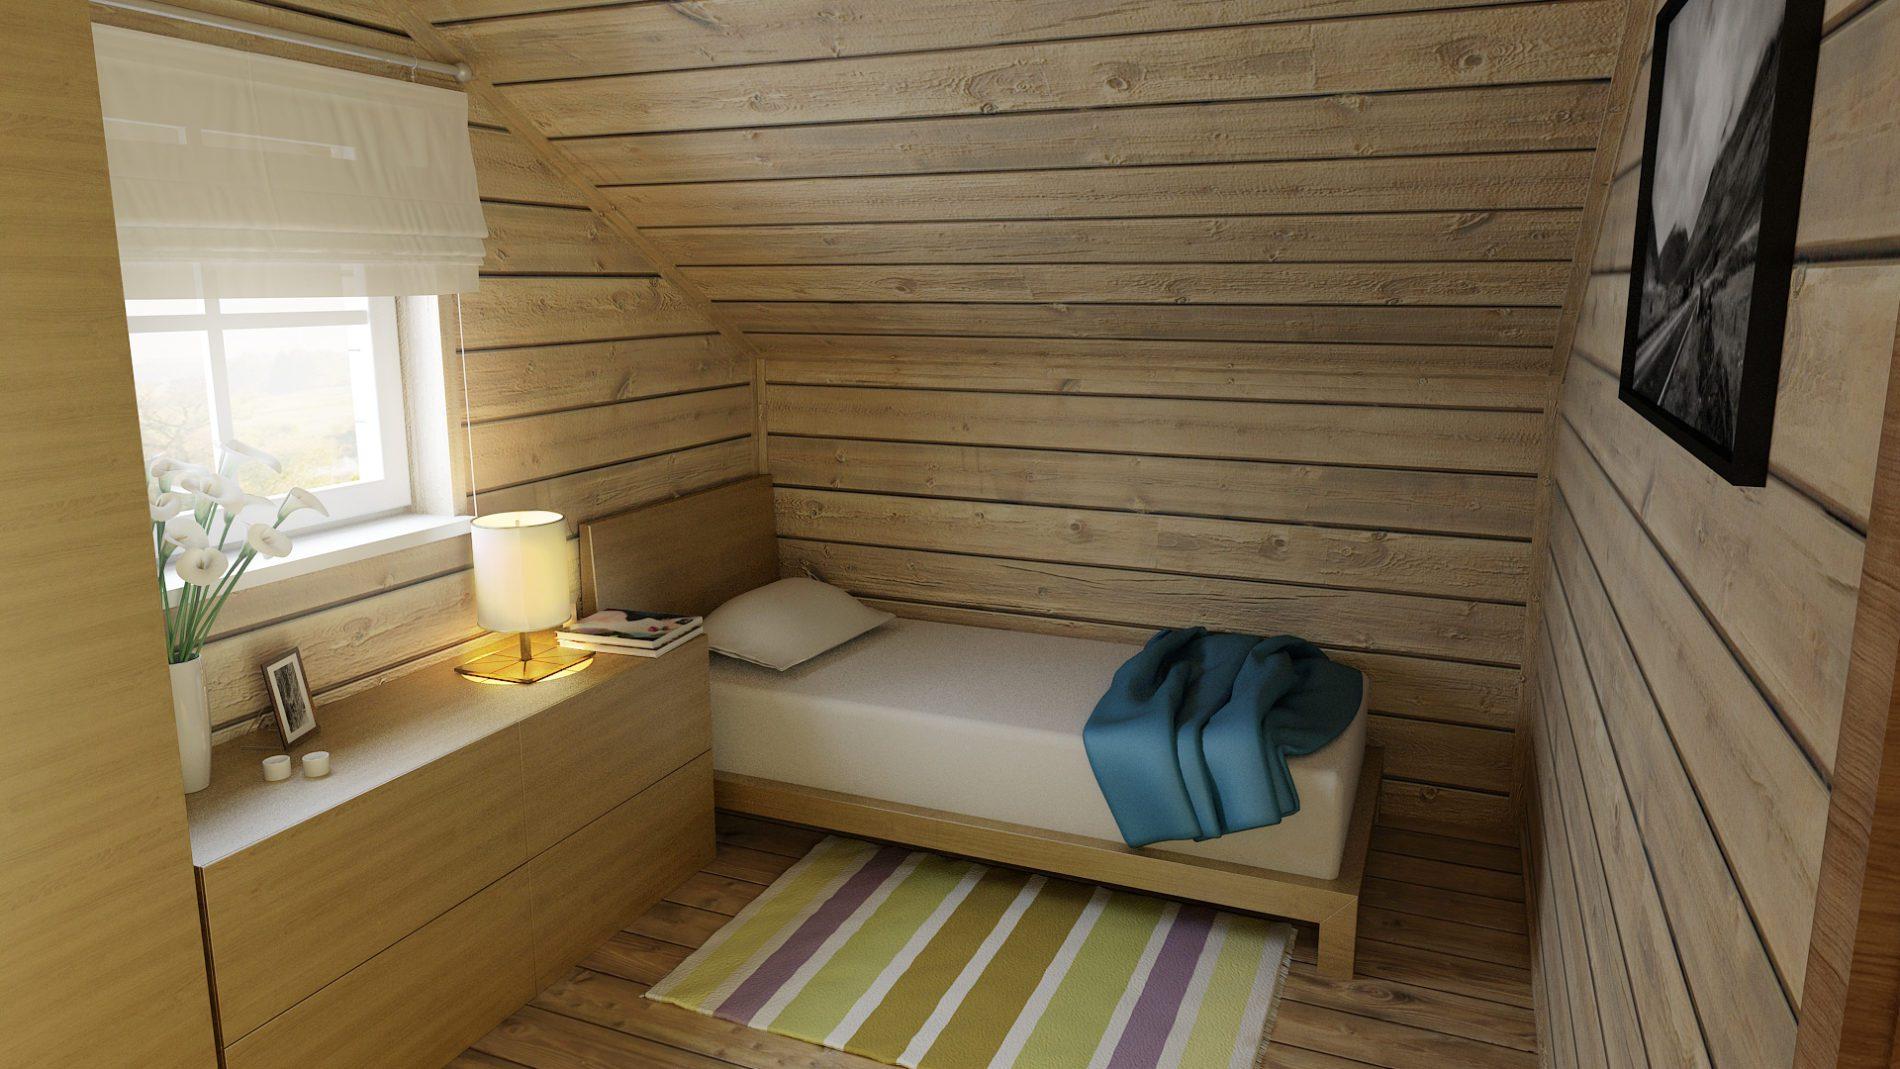 wizualizacja sypialni na piętrze w domu letniskowym